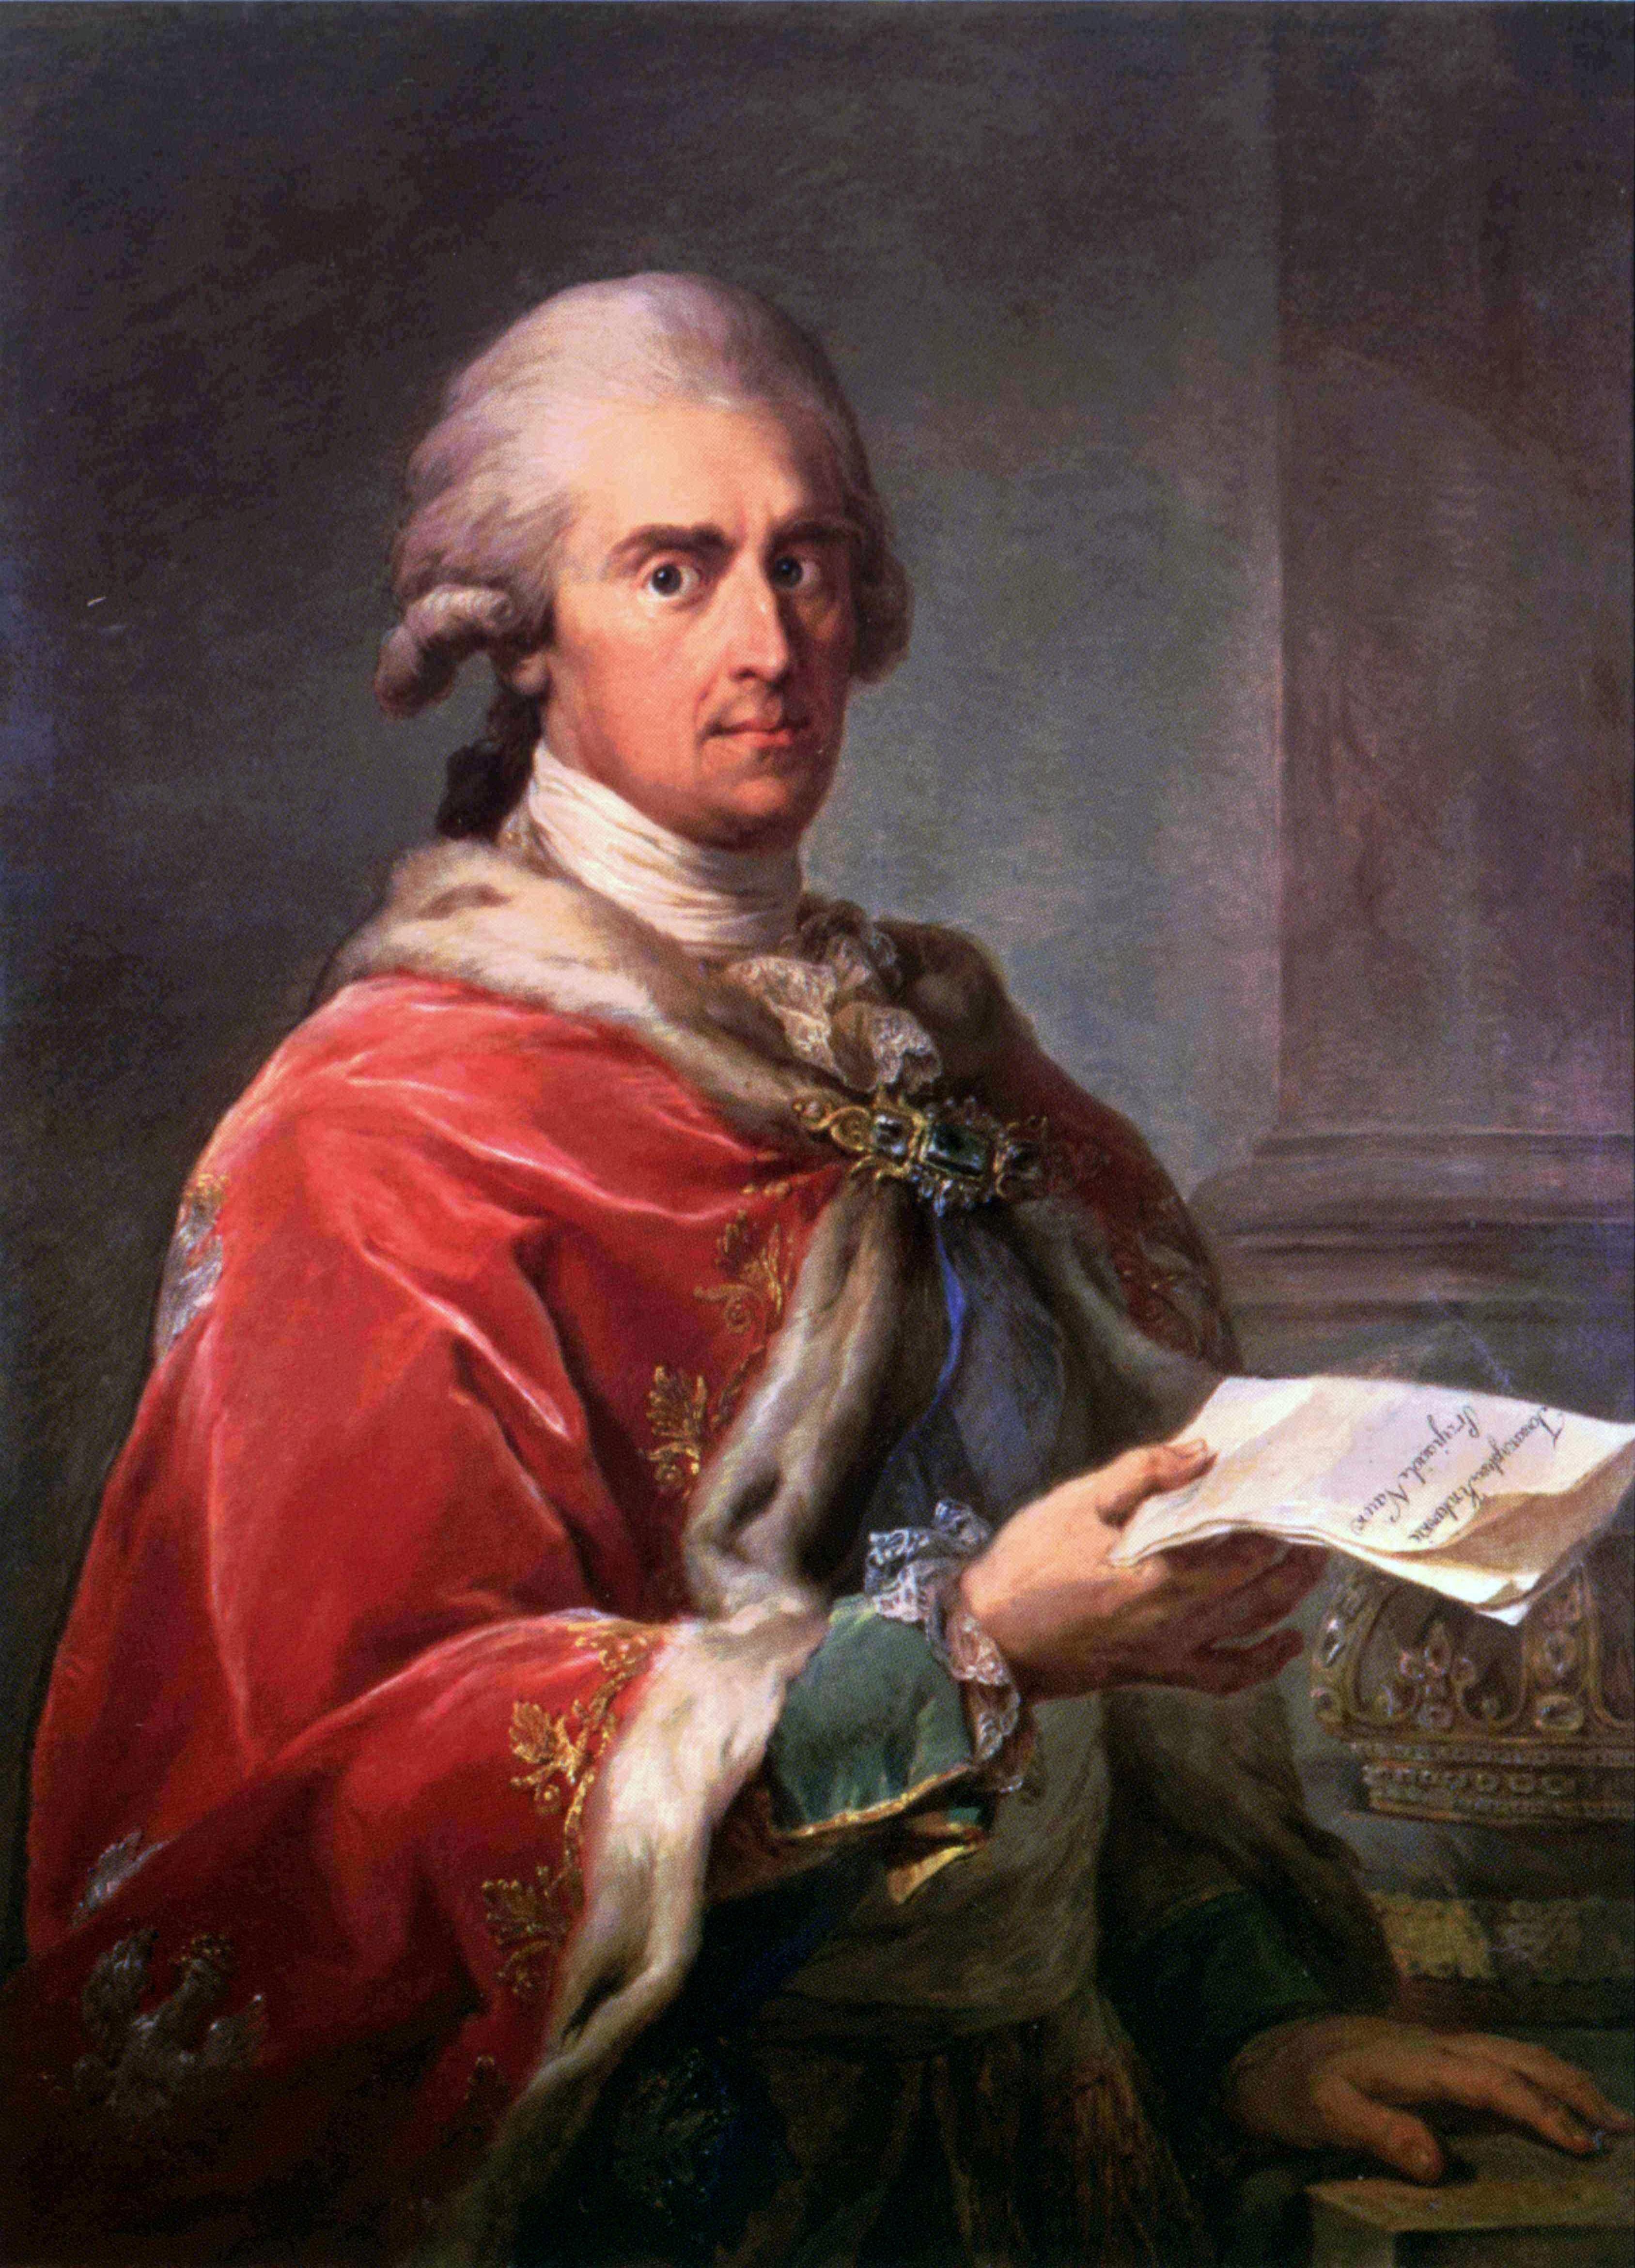 Veja o que saiu no Migalhas sobre Frederico Augusto I da Saxônia